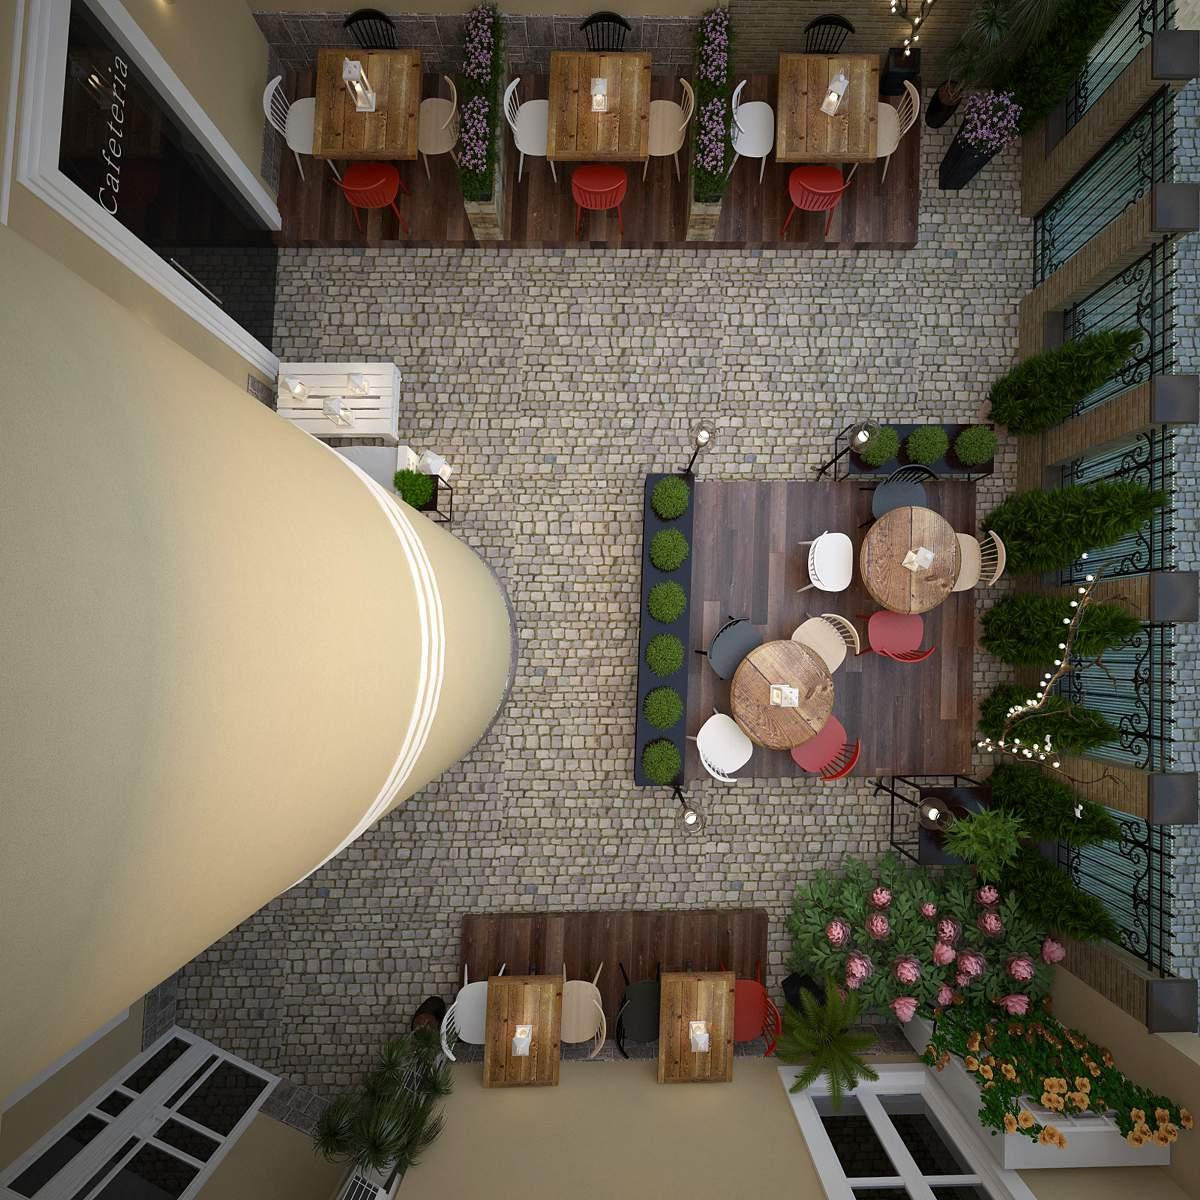 interior_4_1200x1200